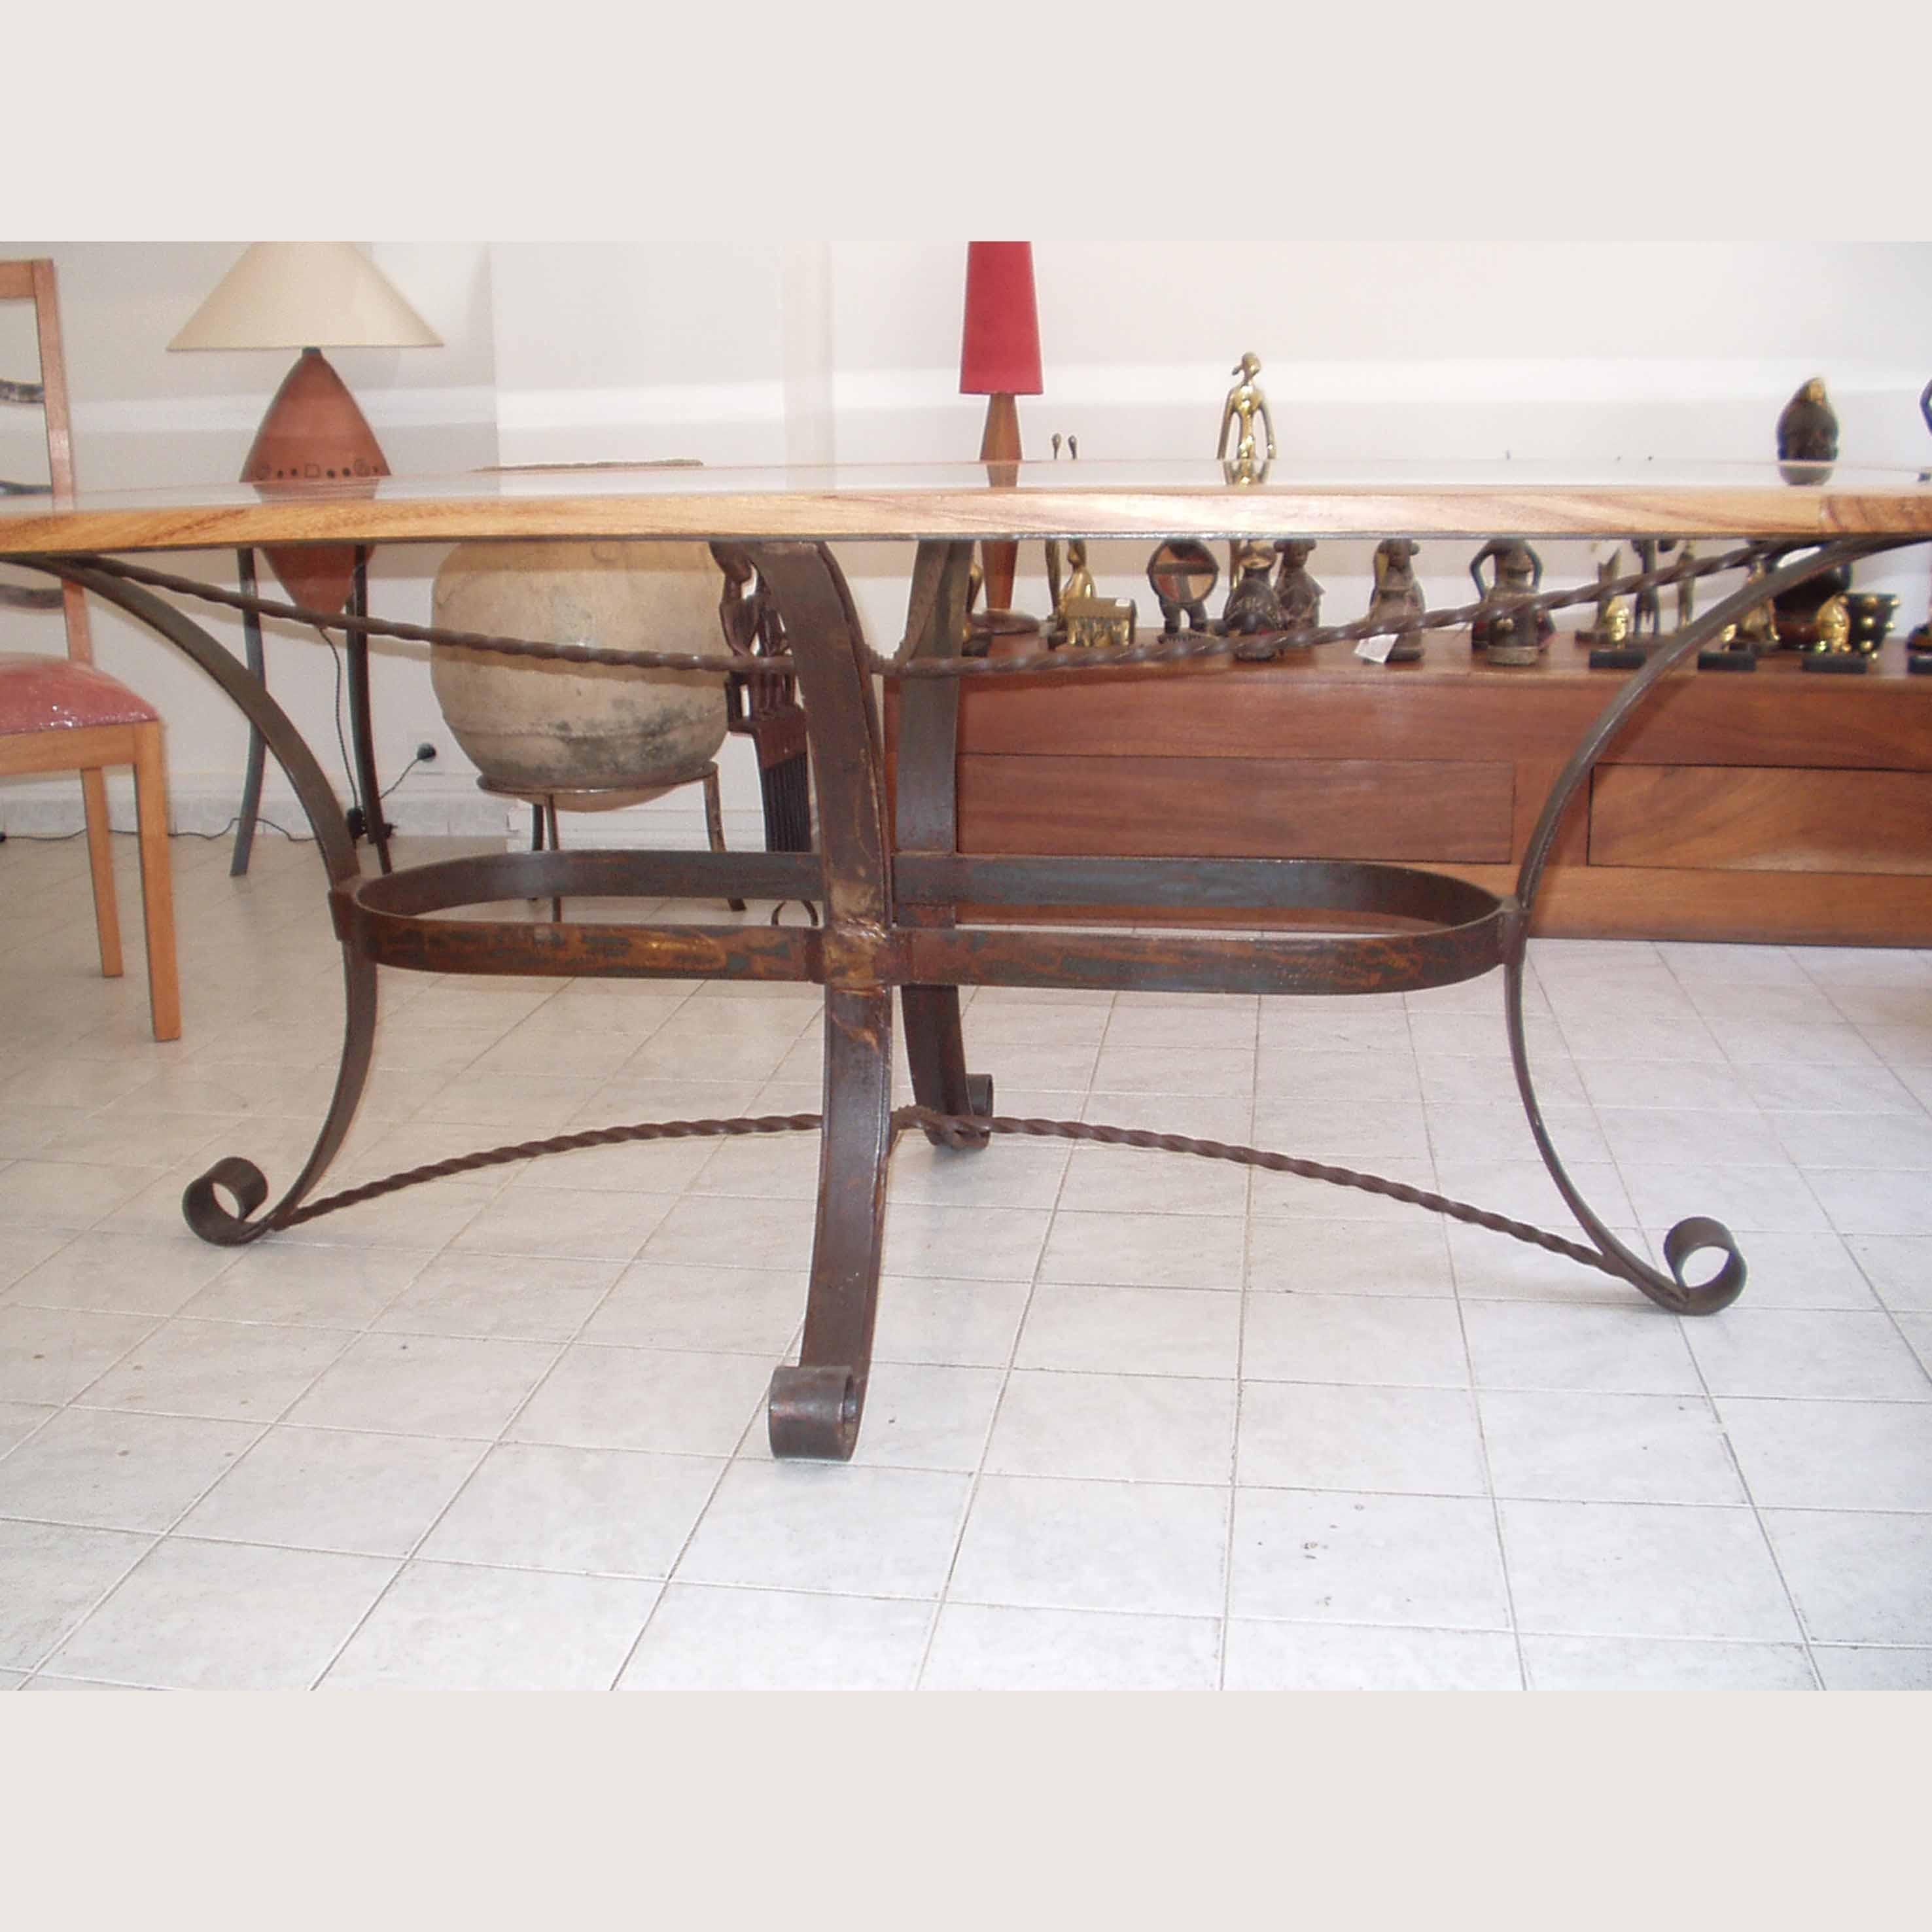 Table salle manger et chaises galerie arte for Chaise salle a manger fer et bois